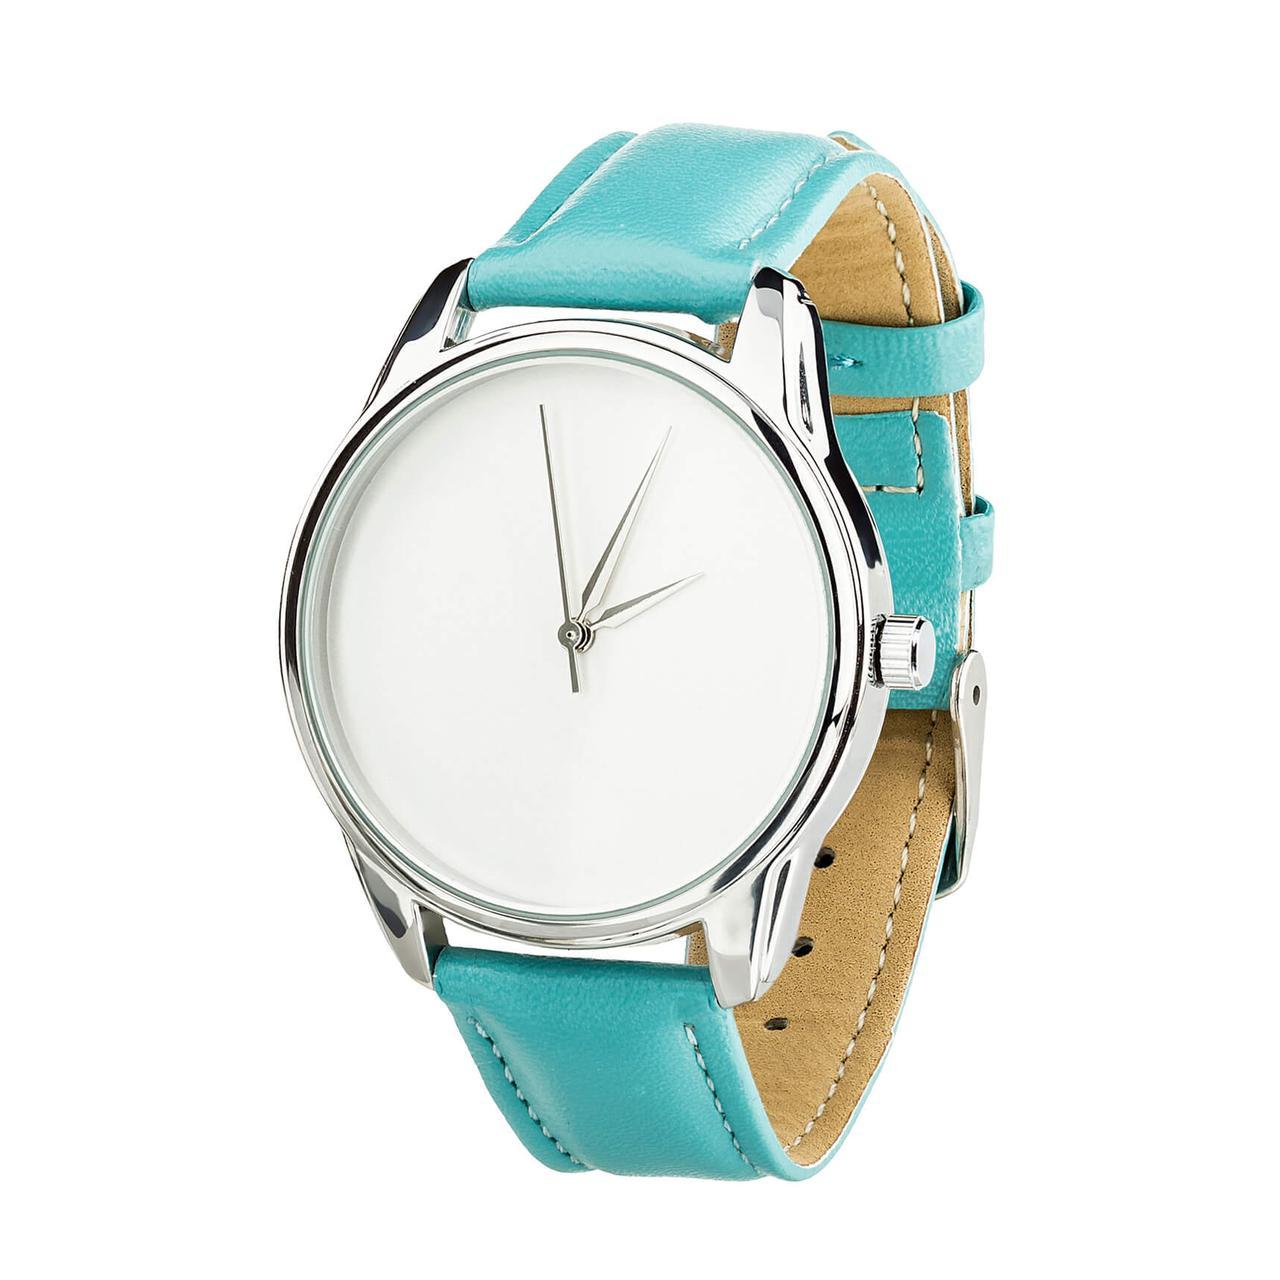 Годинник ZIZ Мінімалізм (ремінець небесно - блакитний, срібло) + додатковий ремінець